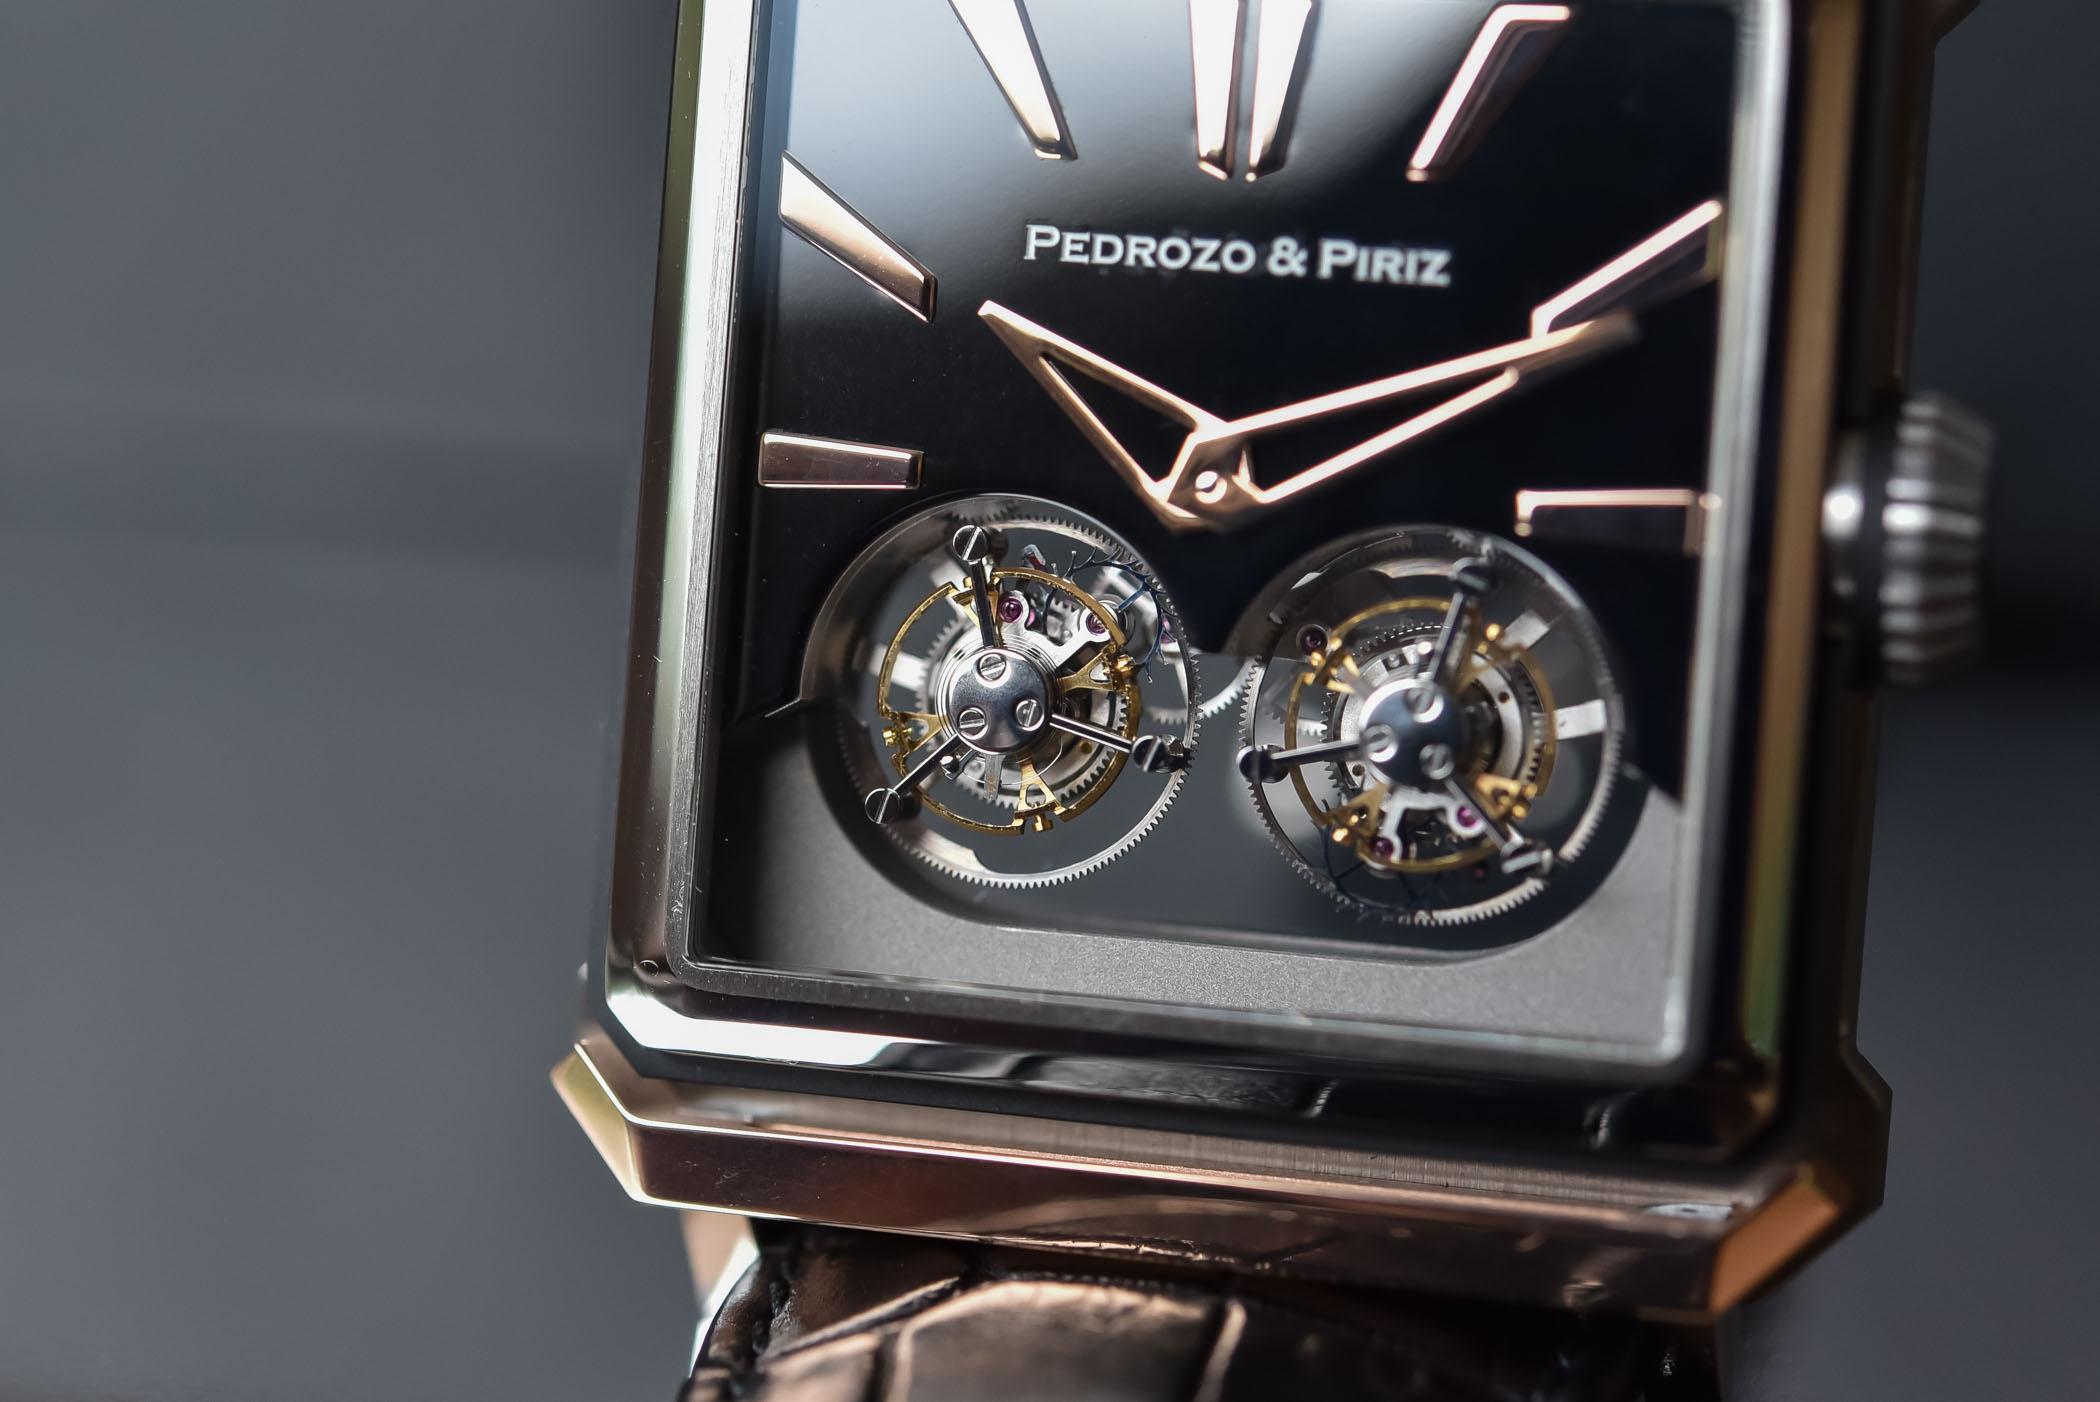 Pedrozo & Piriz Double Tourbillon